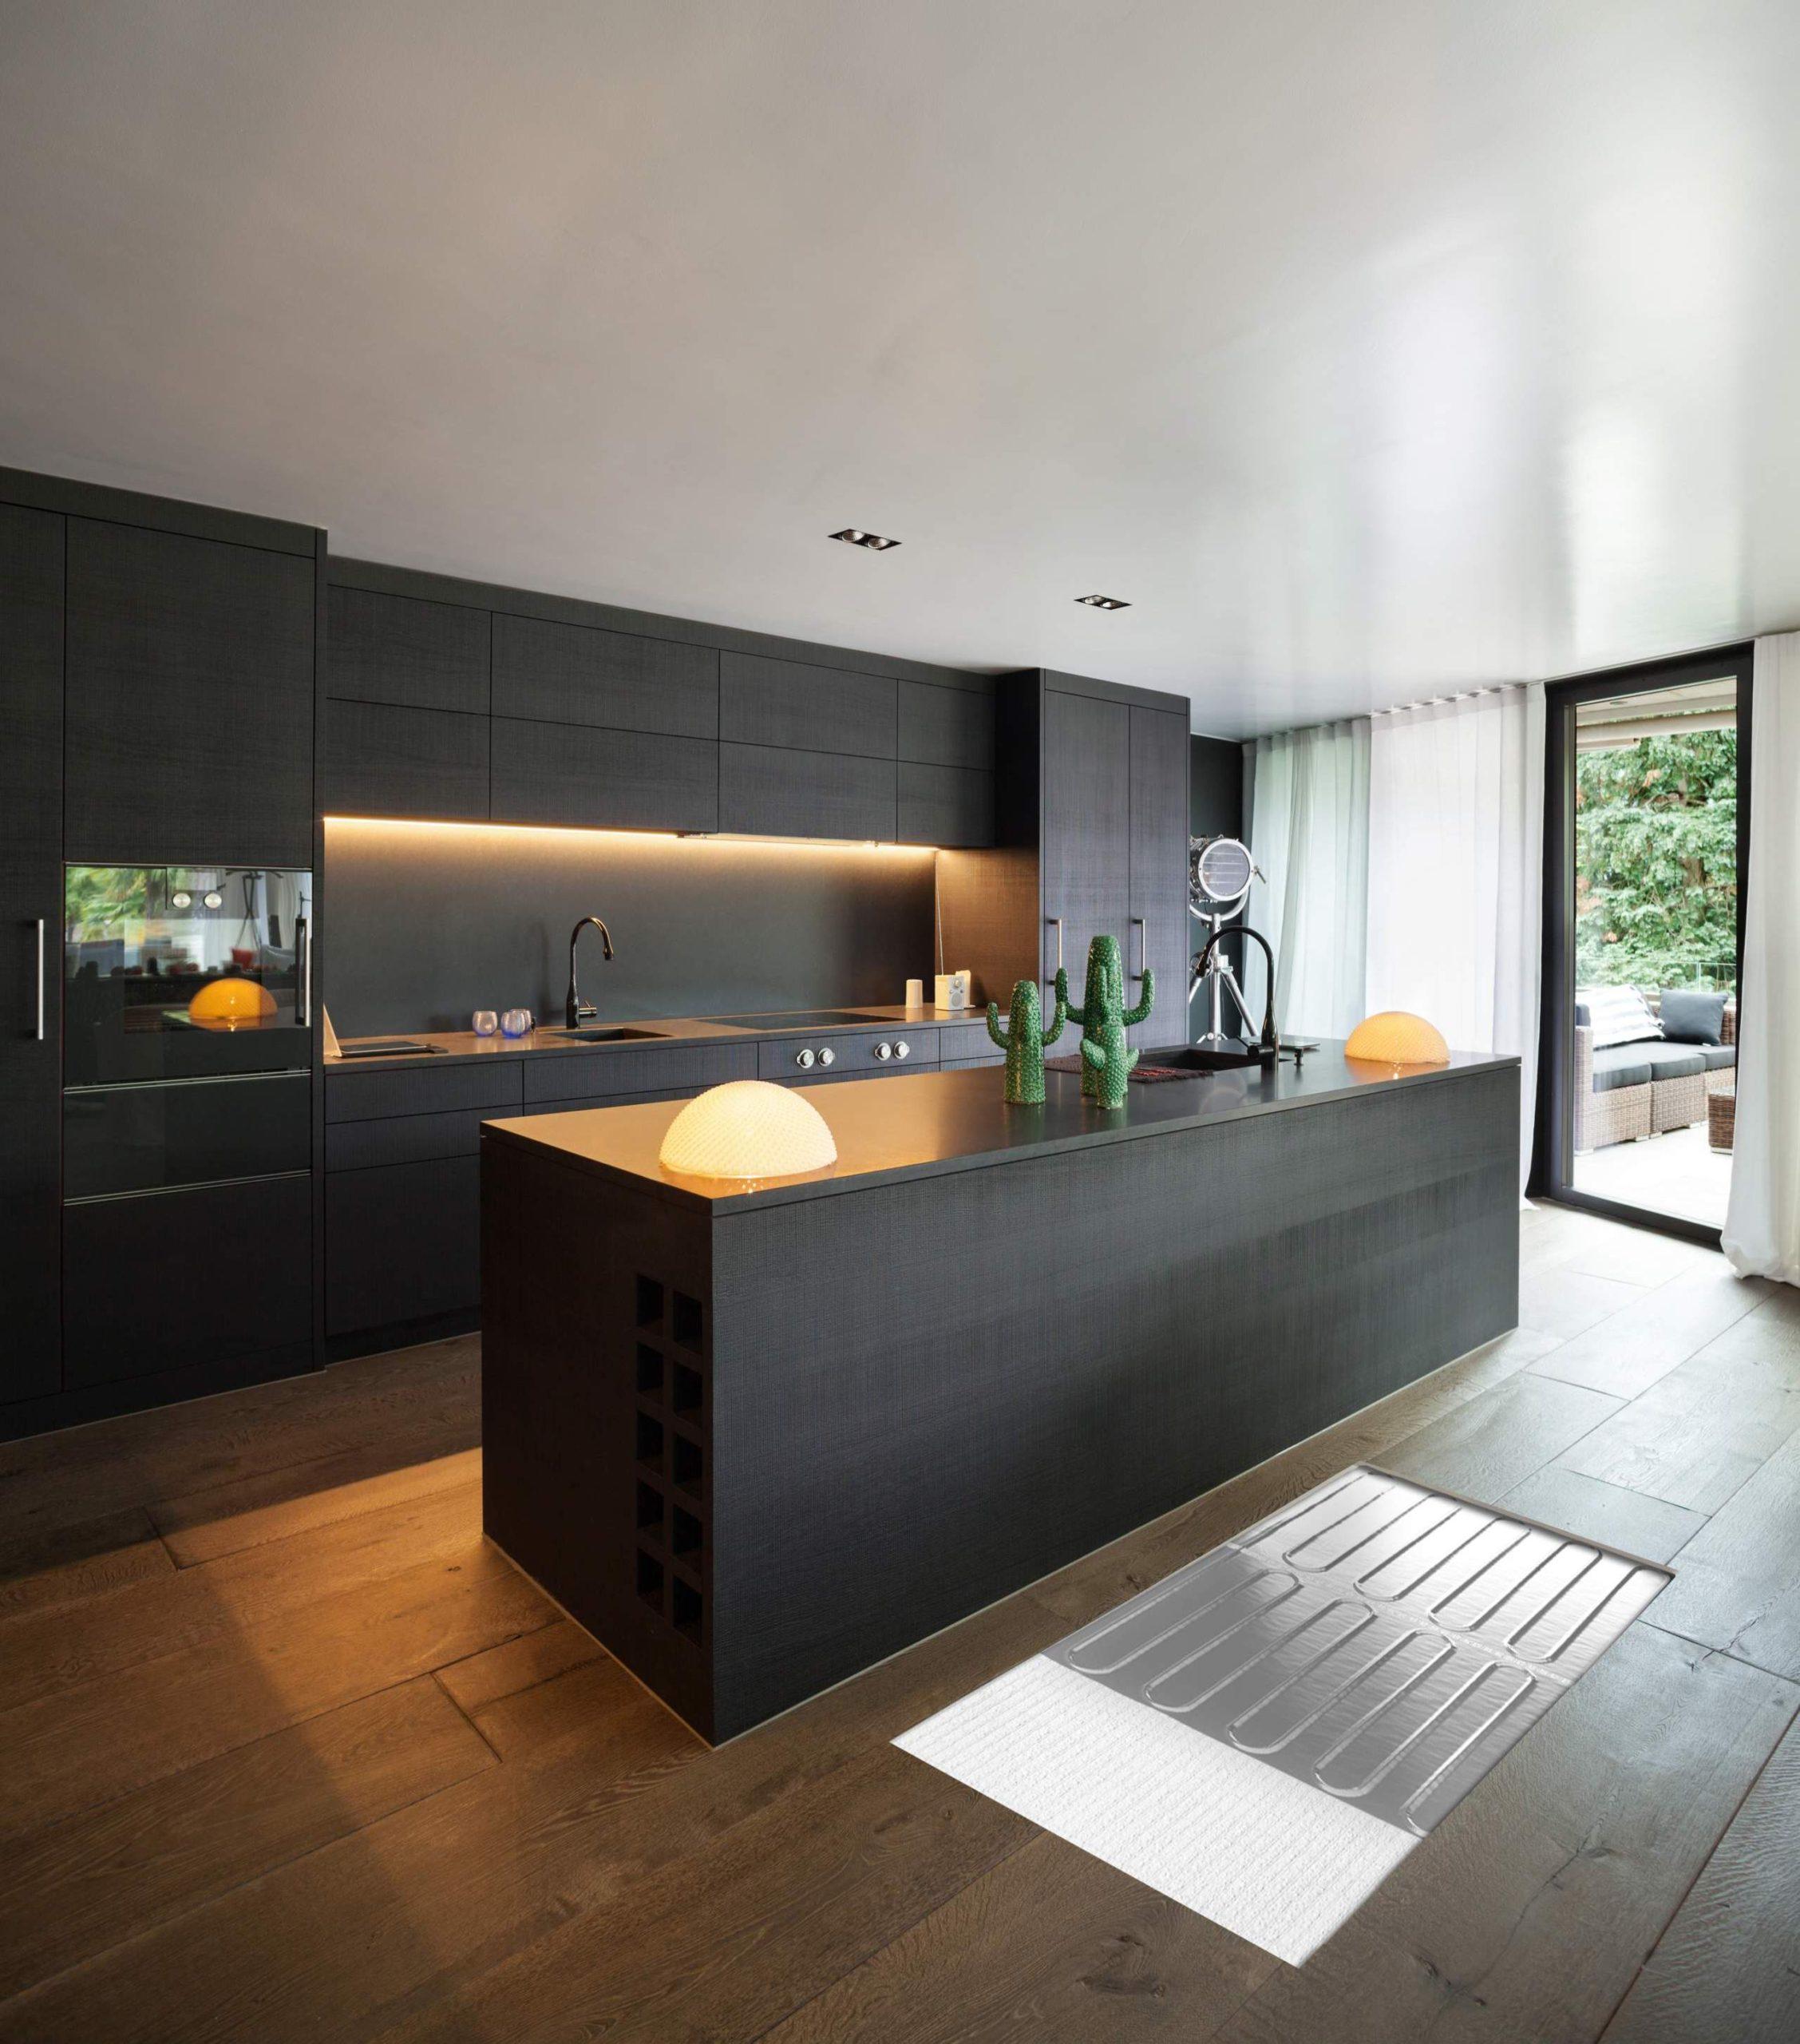 Foil Heater in Kitchen